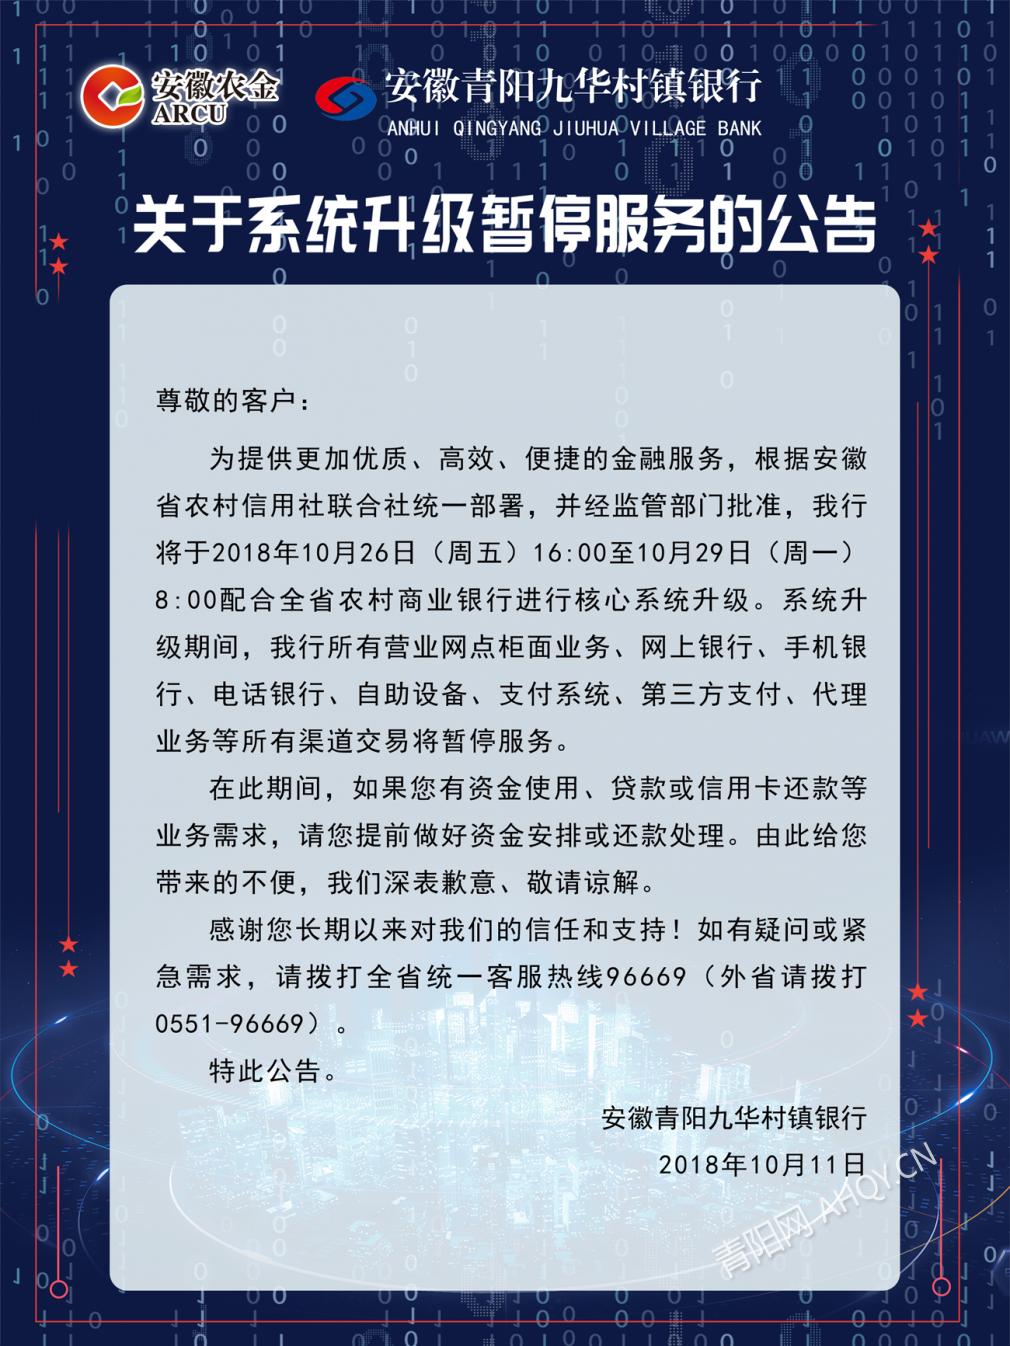 关于系统升级暂停服务的公告.png